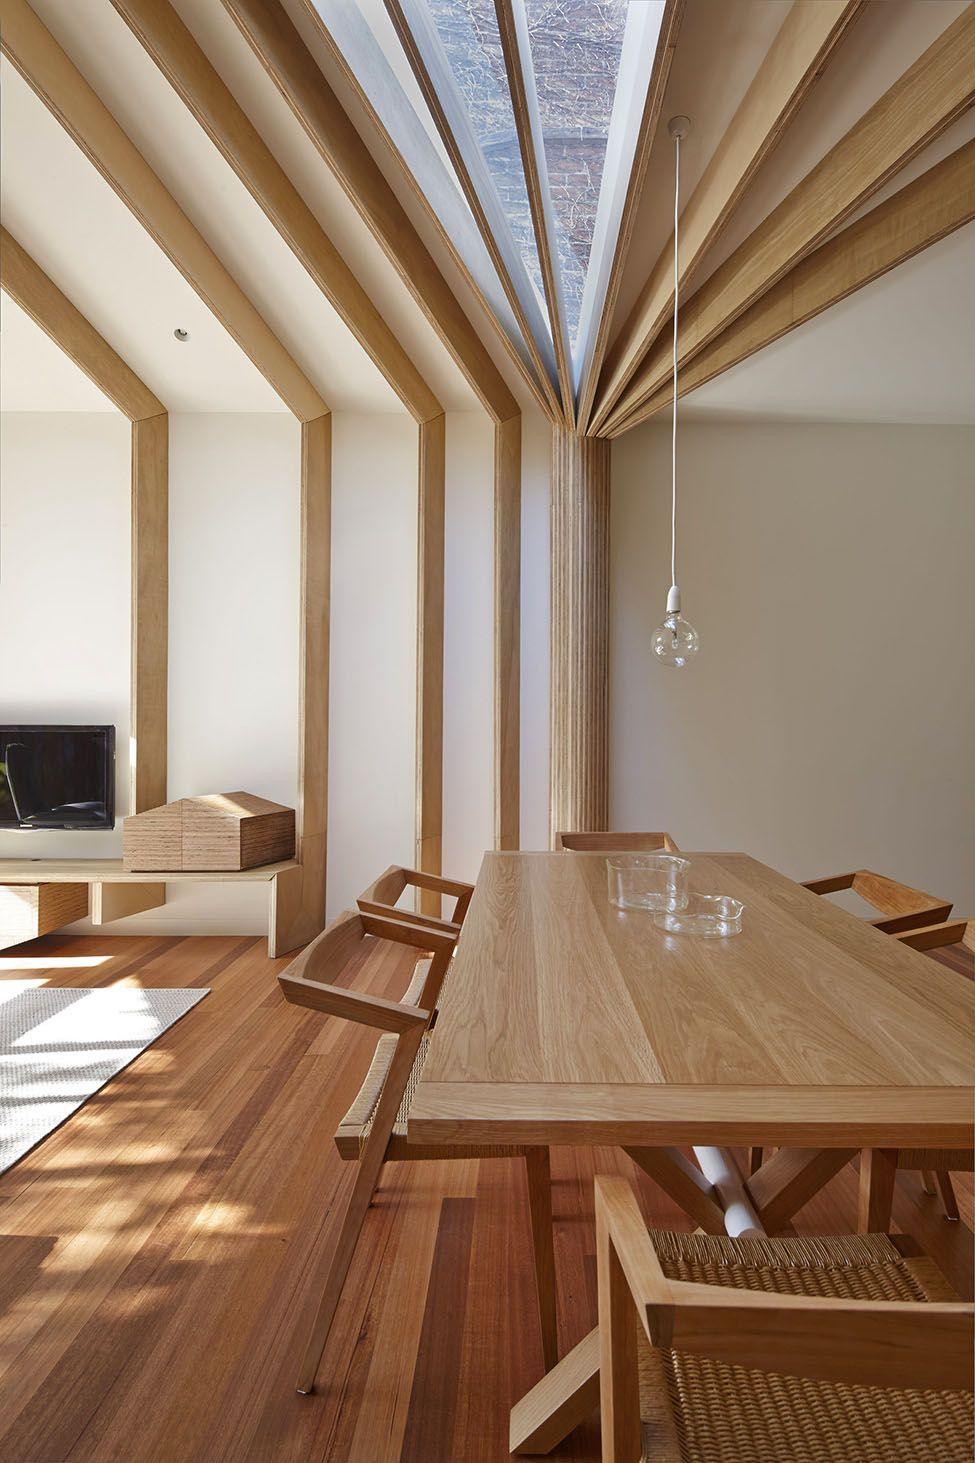 Innenarchitektur für wohnzimmer für kleines haus cross stitch house by fmd architects   rest of the world